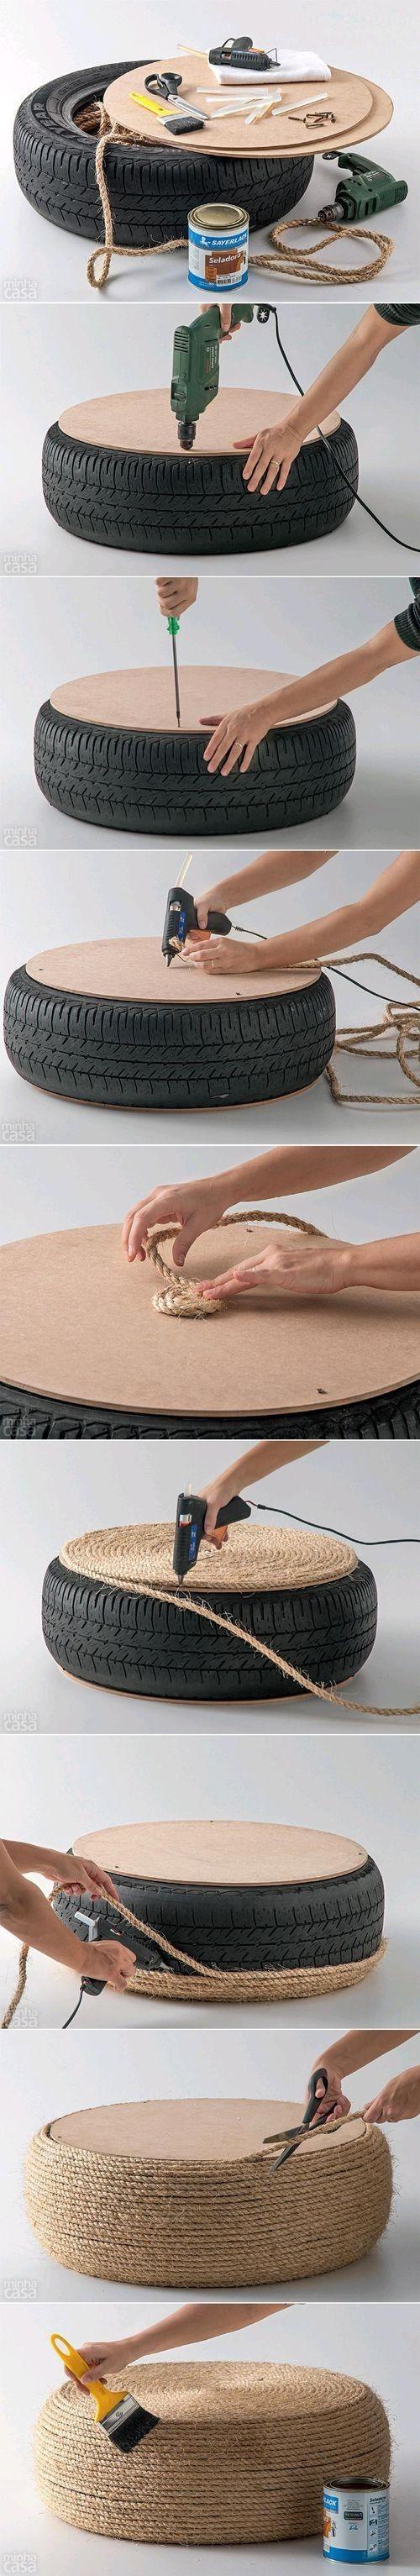 DIY Tire Ottoman DIY...